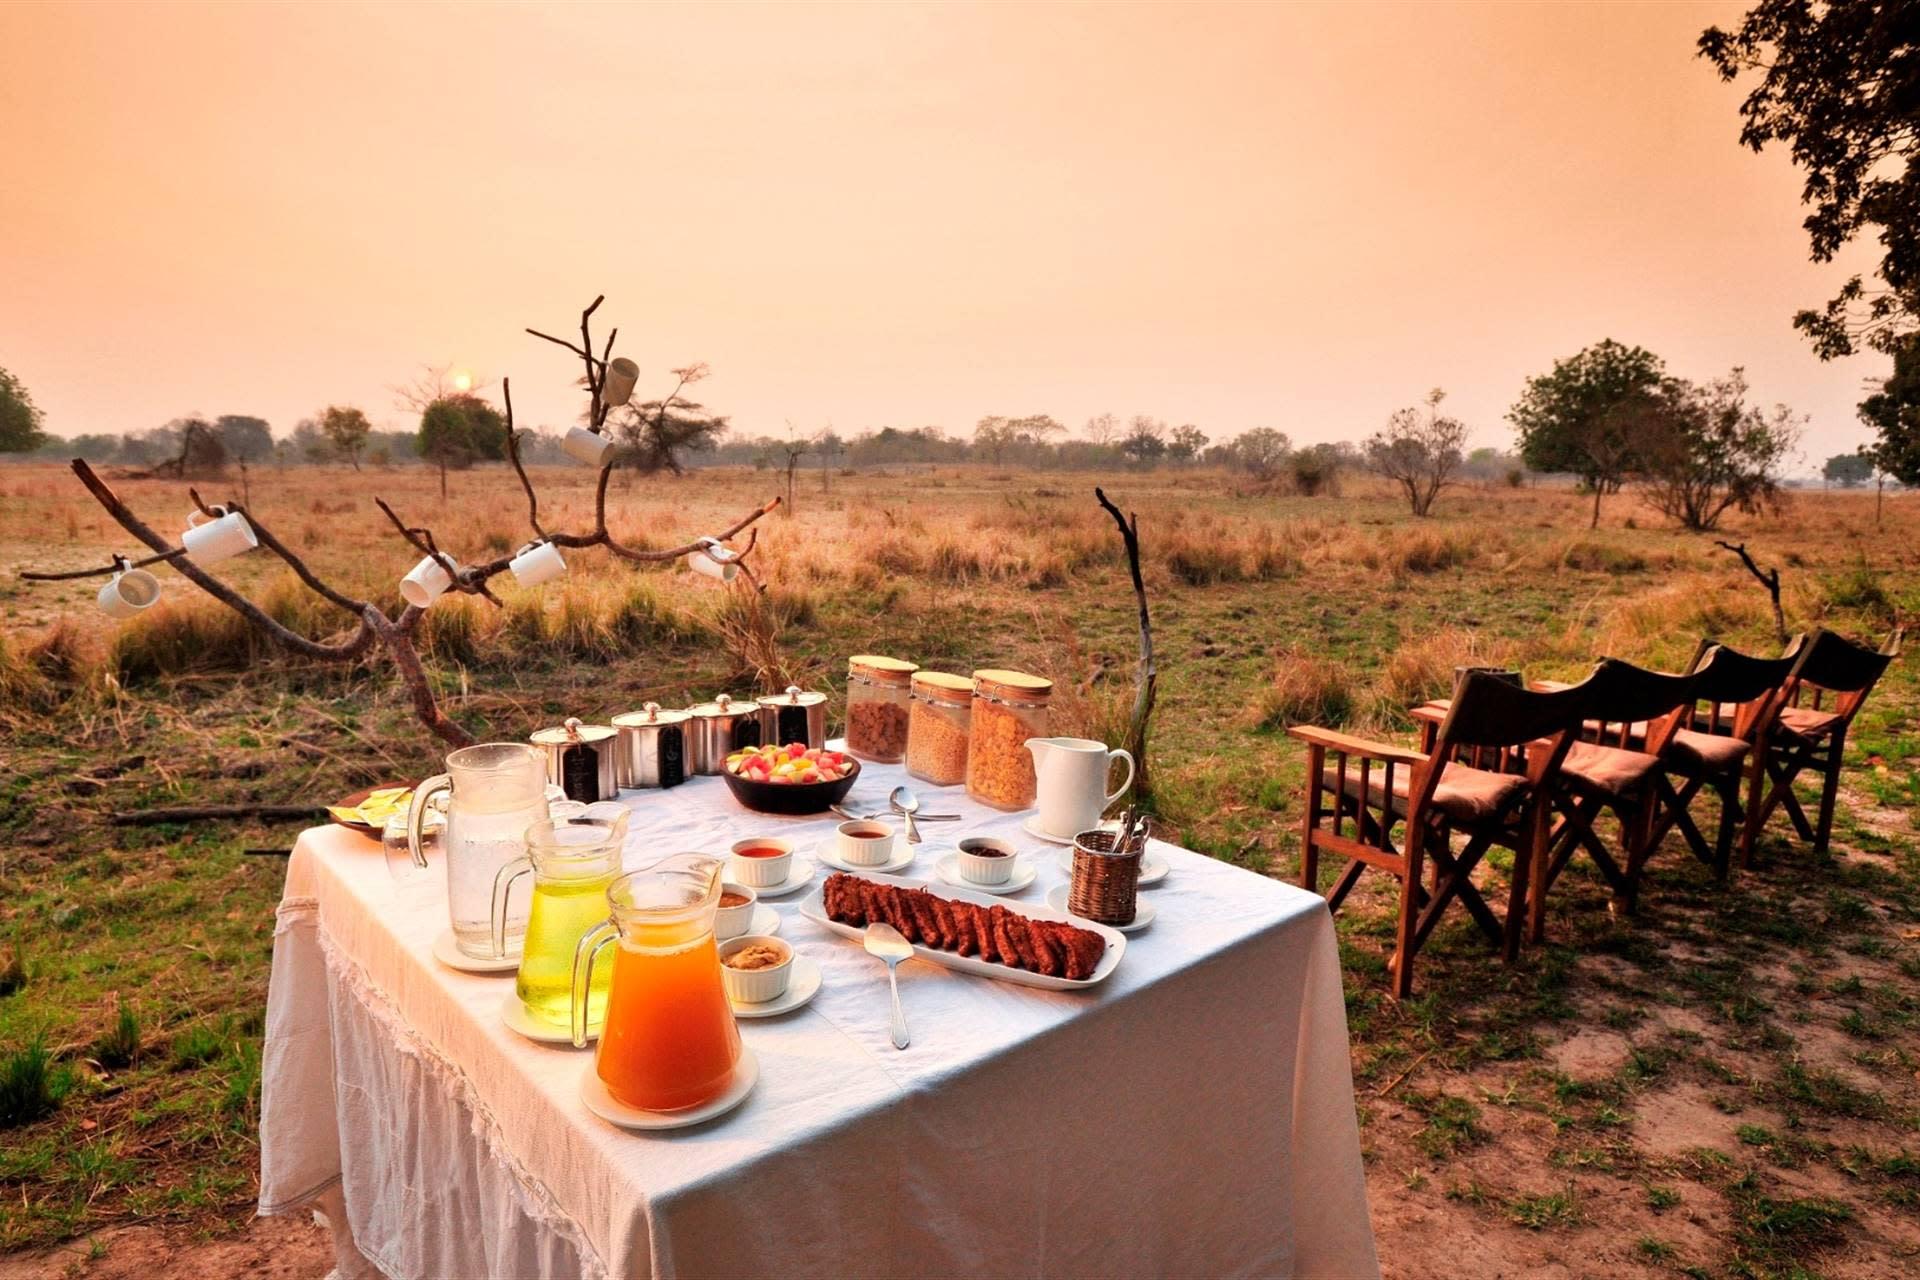 Frühstück im Busch - Luwi Bush Camp - Südluangwa, Sambia